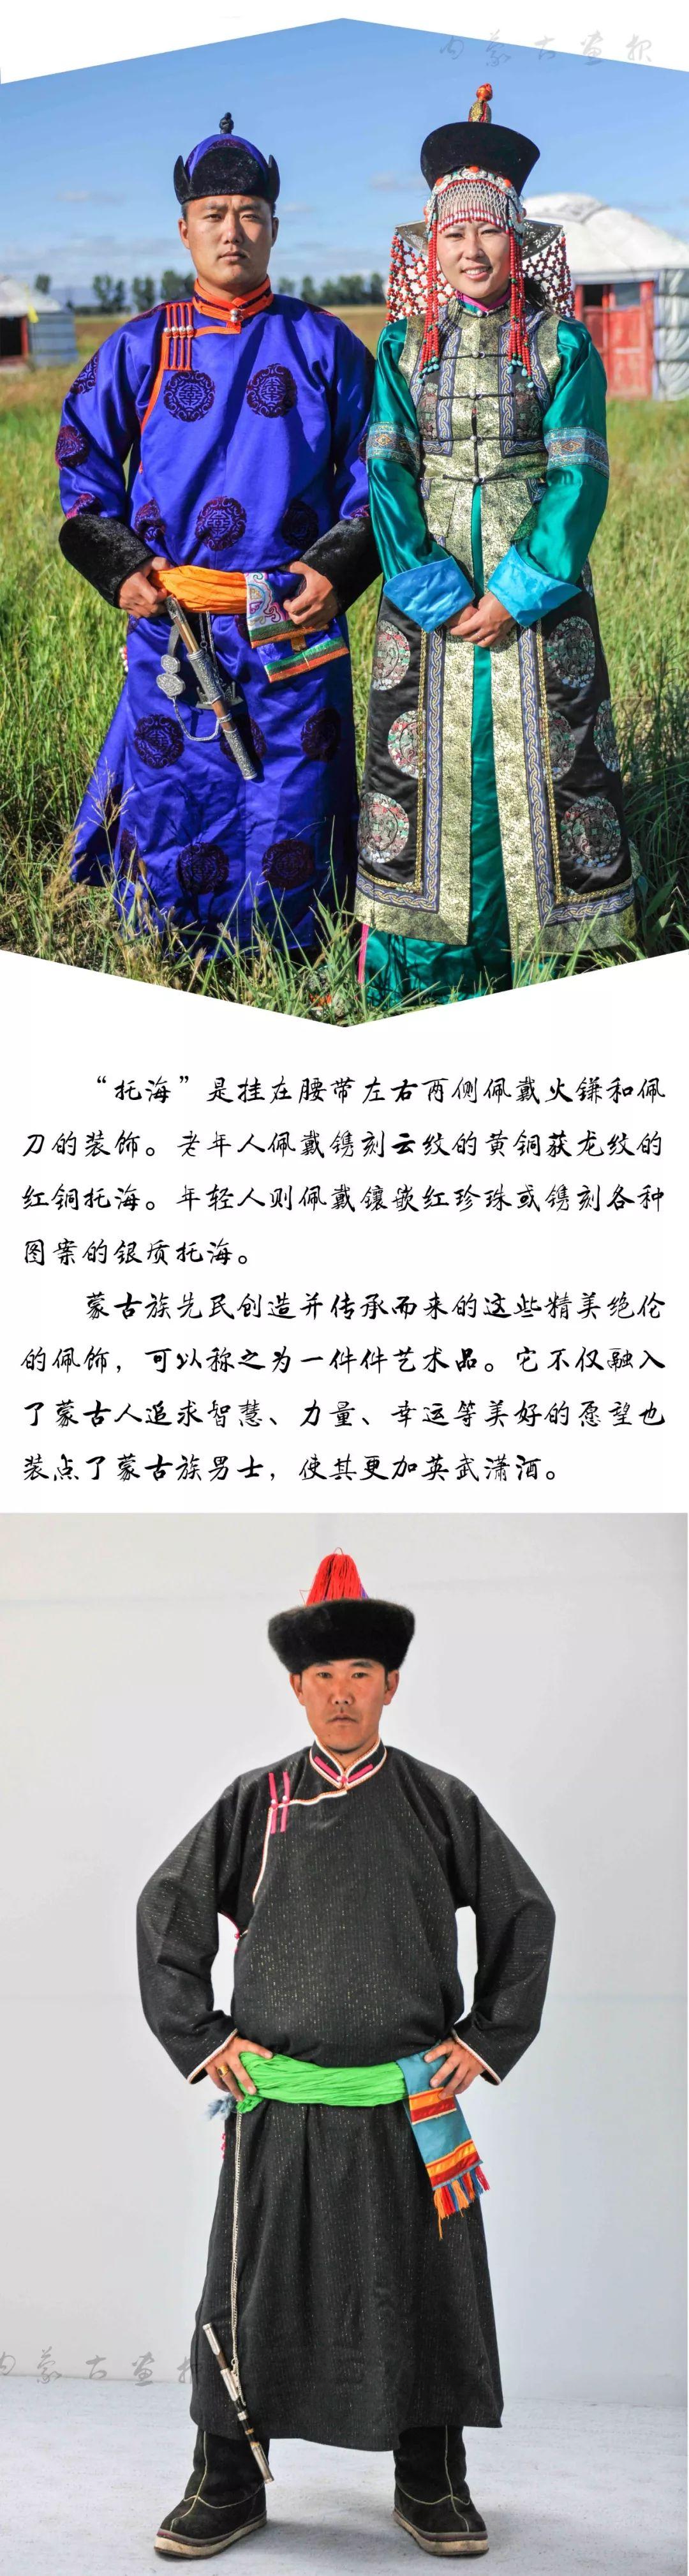 装点世界的蒙古族传统佩饰 | 男士篇 第12张 装点世界的蒙古族传统佩饰 | 男士篇 蒙古服饰